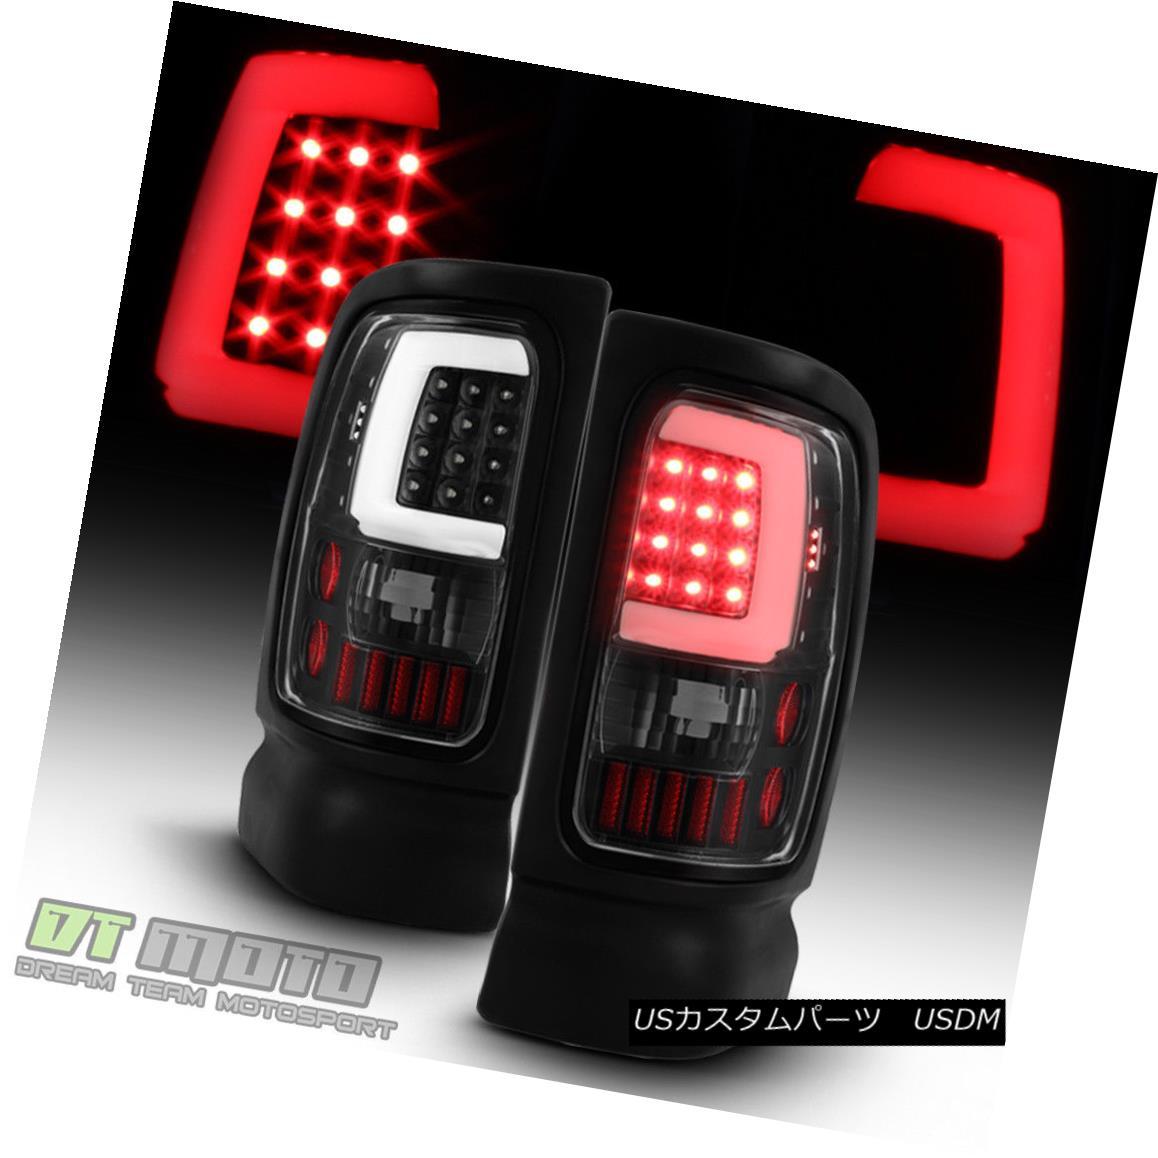 テールライト Dodge Black 1994-2001 Dodge Ram 1500 2500 Dodge 3500 LED 3500 Tube Tail Lights Lamps Left+Right 黒1994-2001 Dodge Ram 1500 2500 3500 LEDチューブテールランプランプ左右+, 食喜屋:4c71a517 --- officewill.xsrv.jp